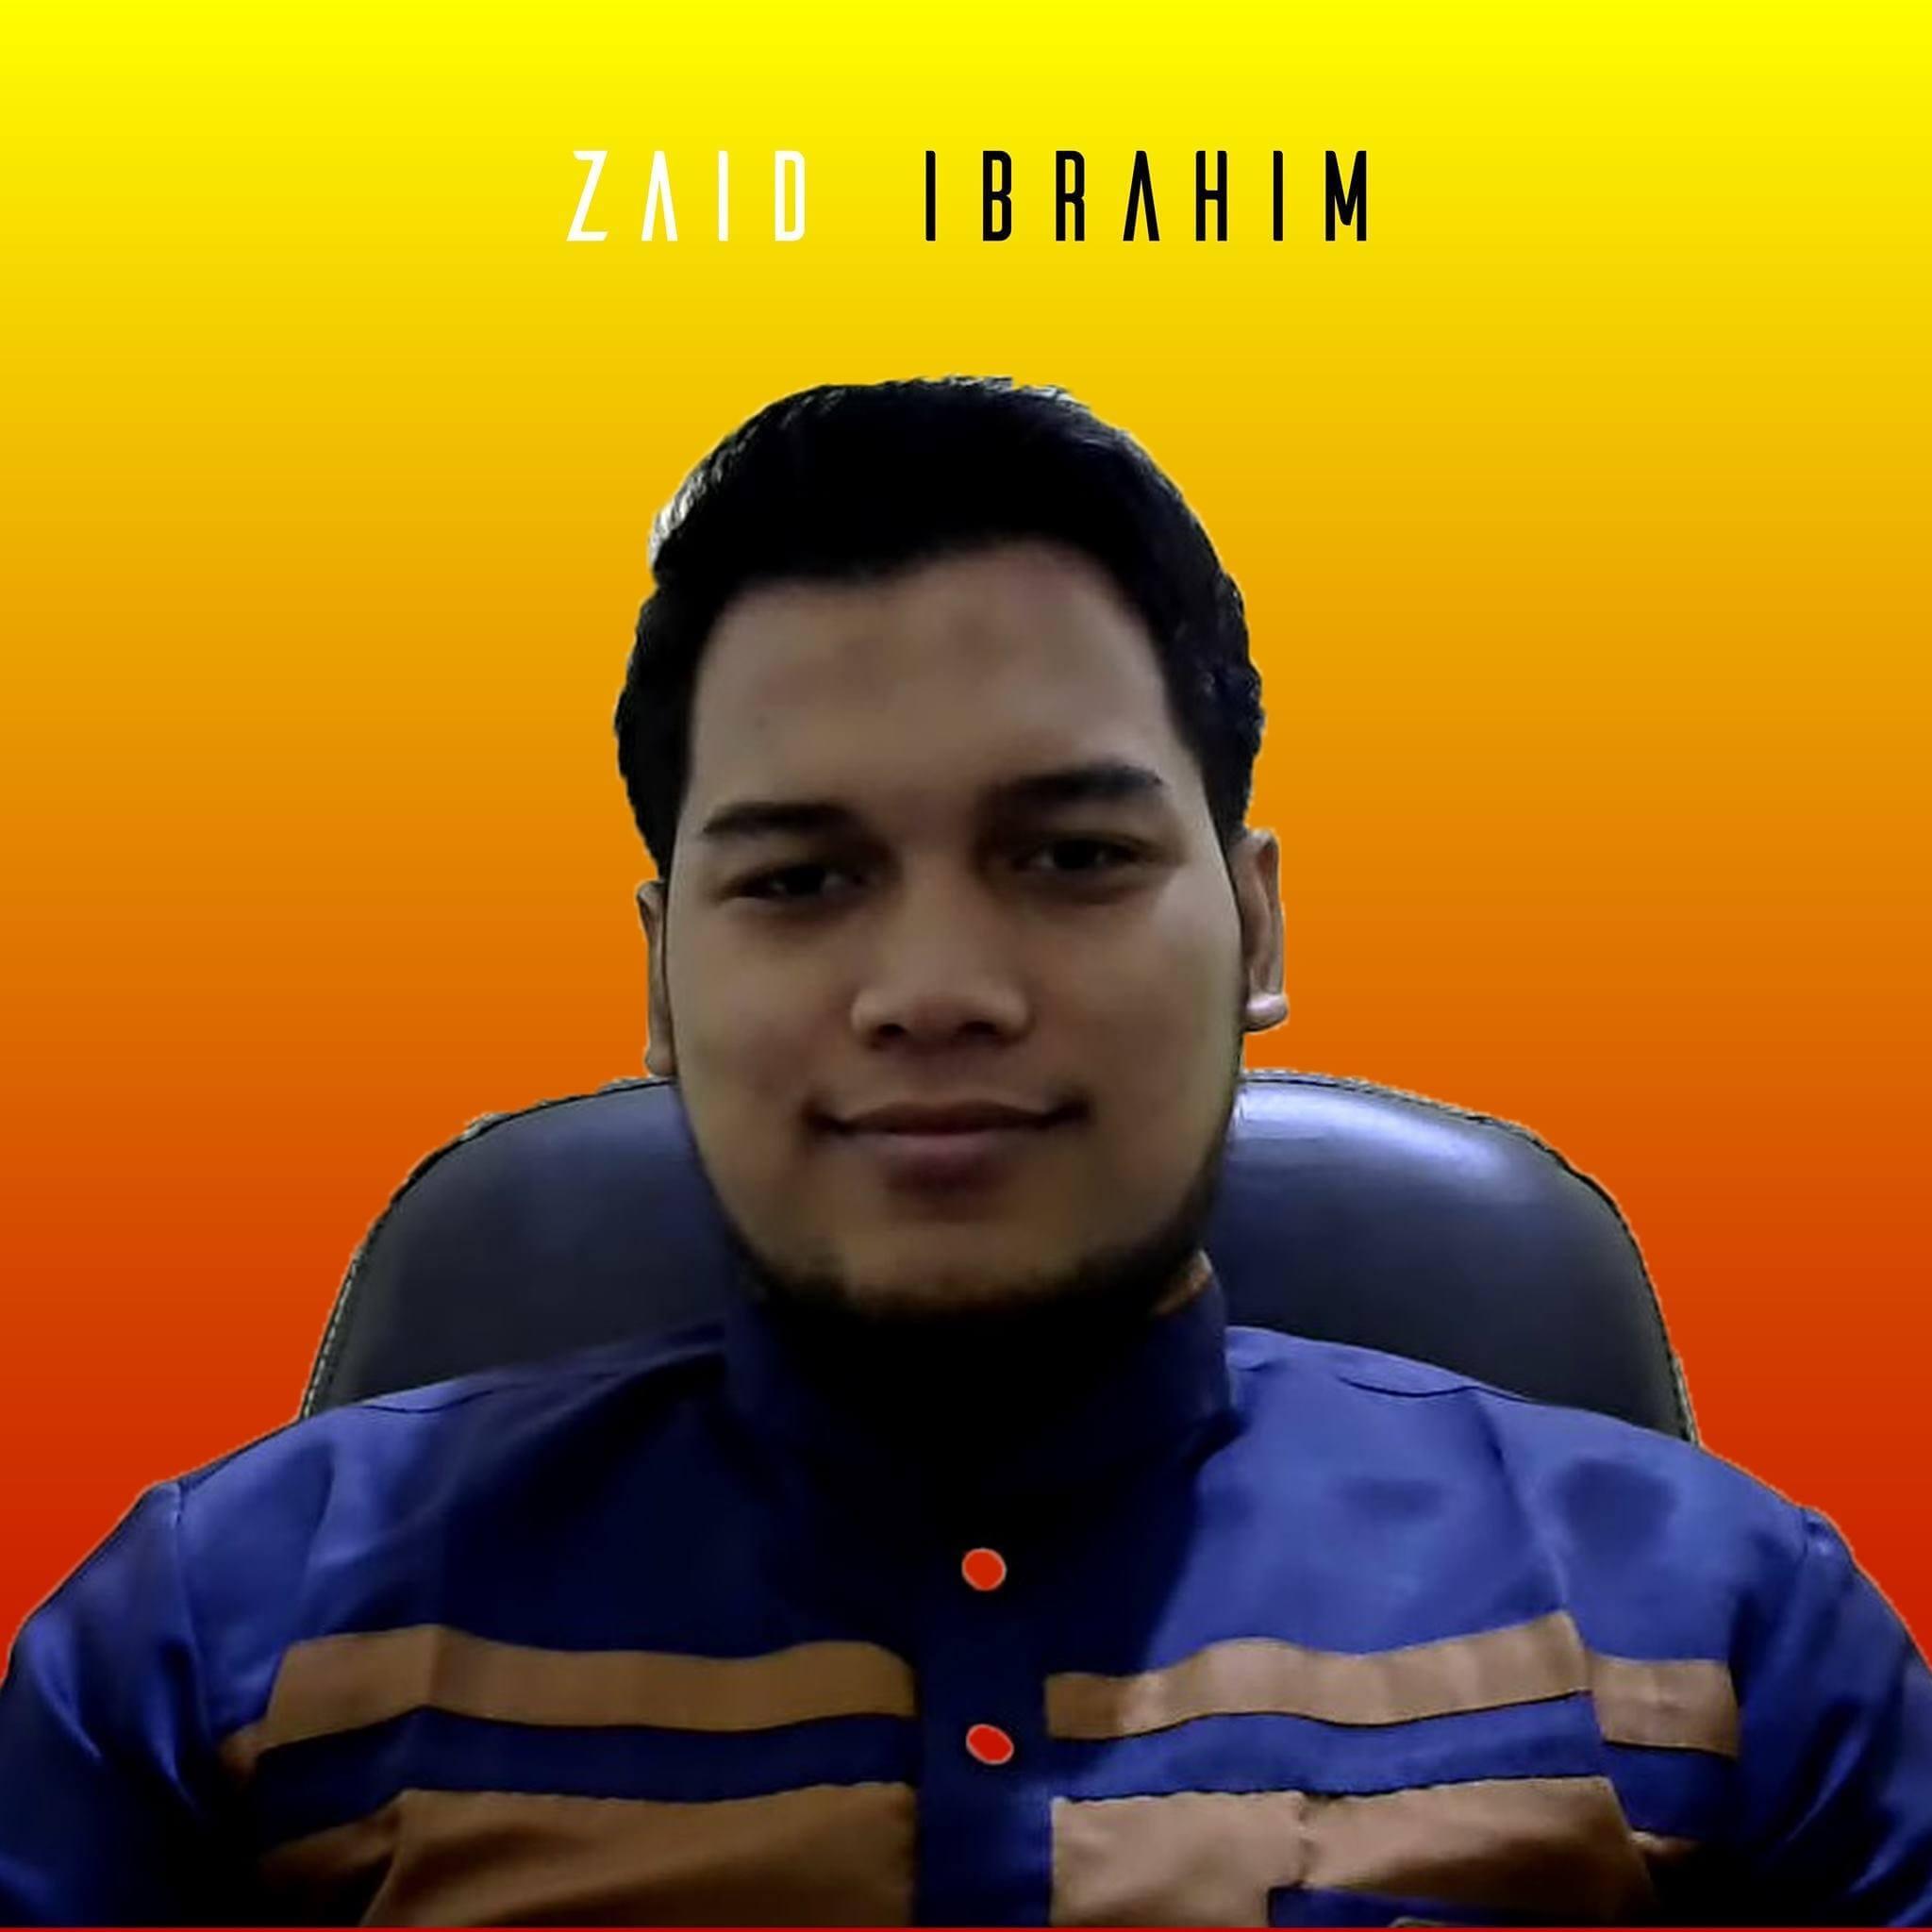 Zaid Ibrahim